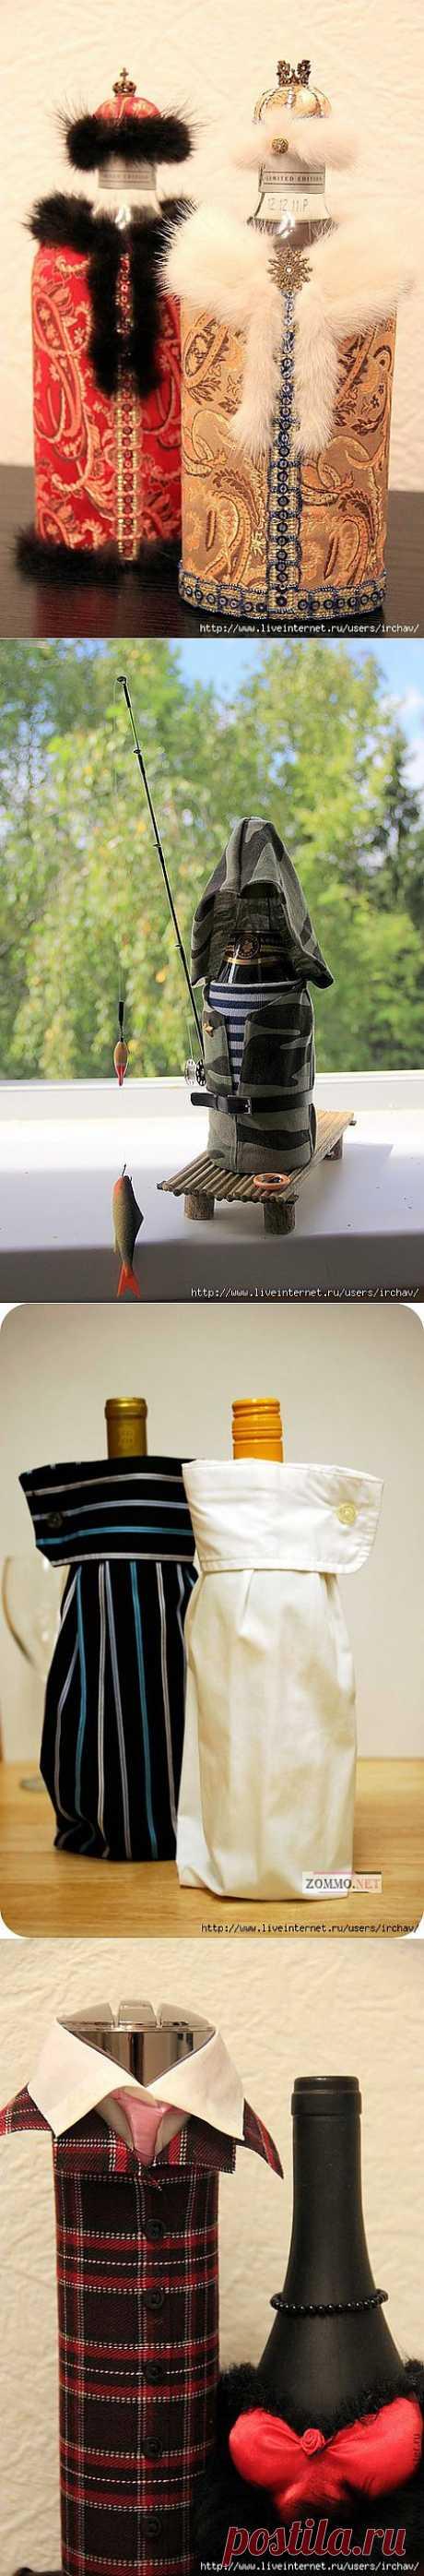 Идеи декорирования винных бутылок + МК.